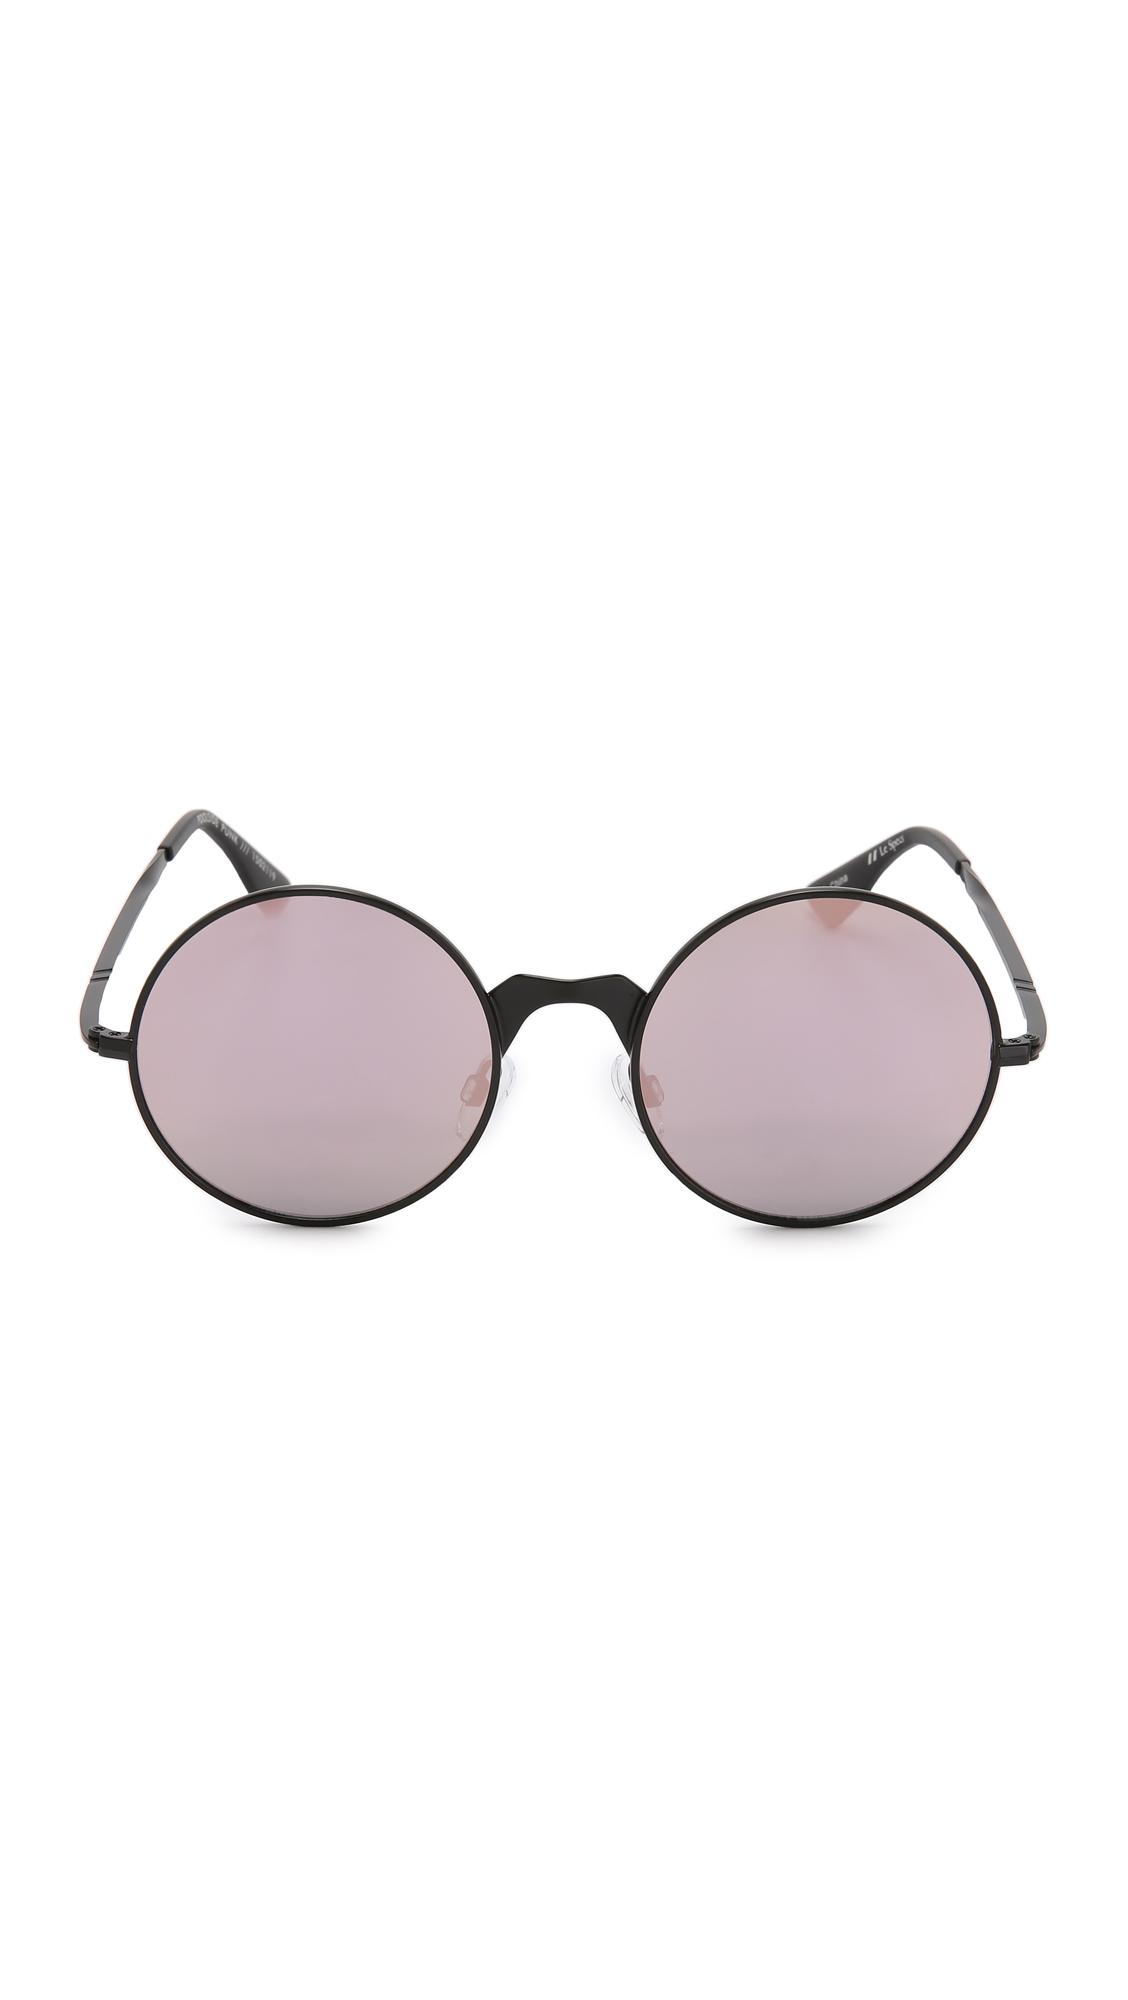 0b97b590549c Le Specs Poolside Punk Sunglasses